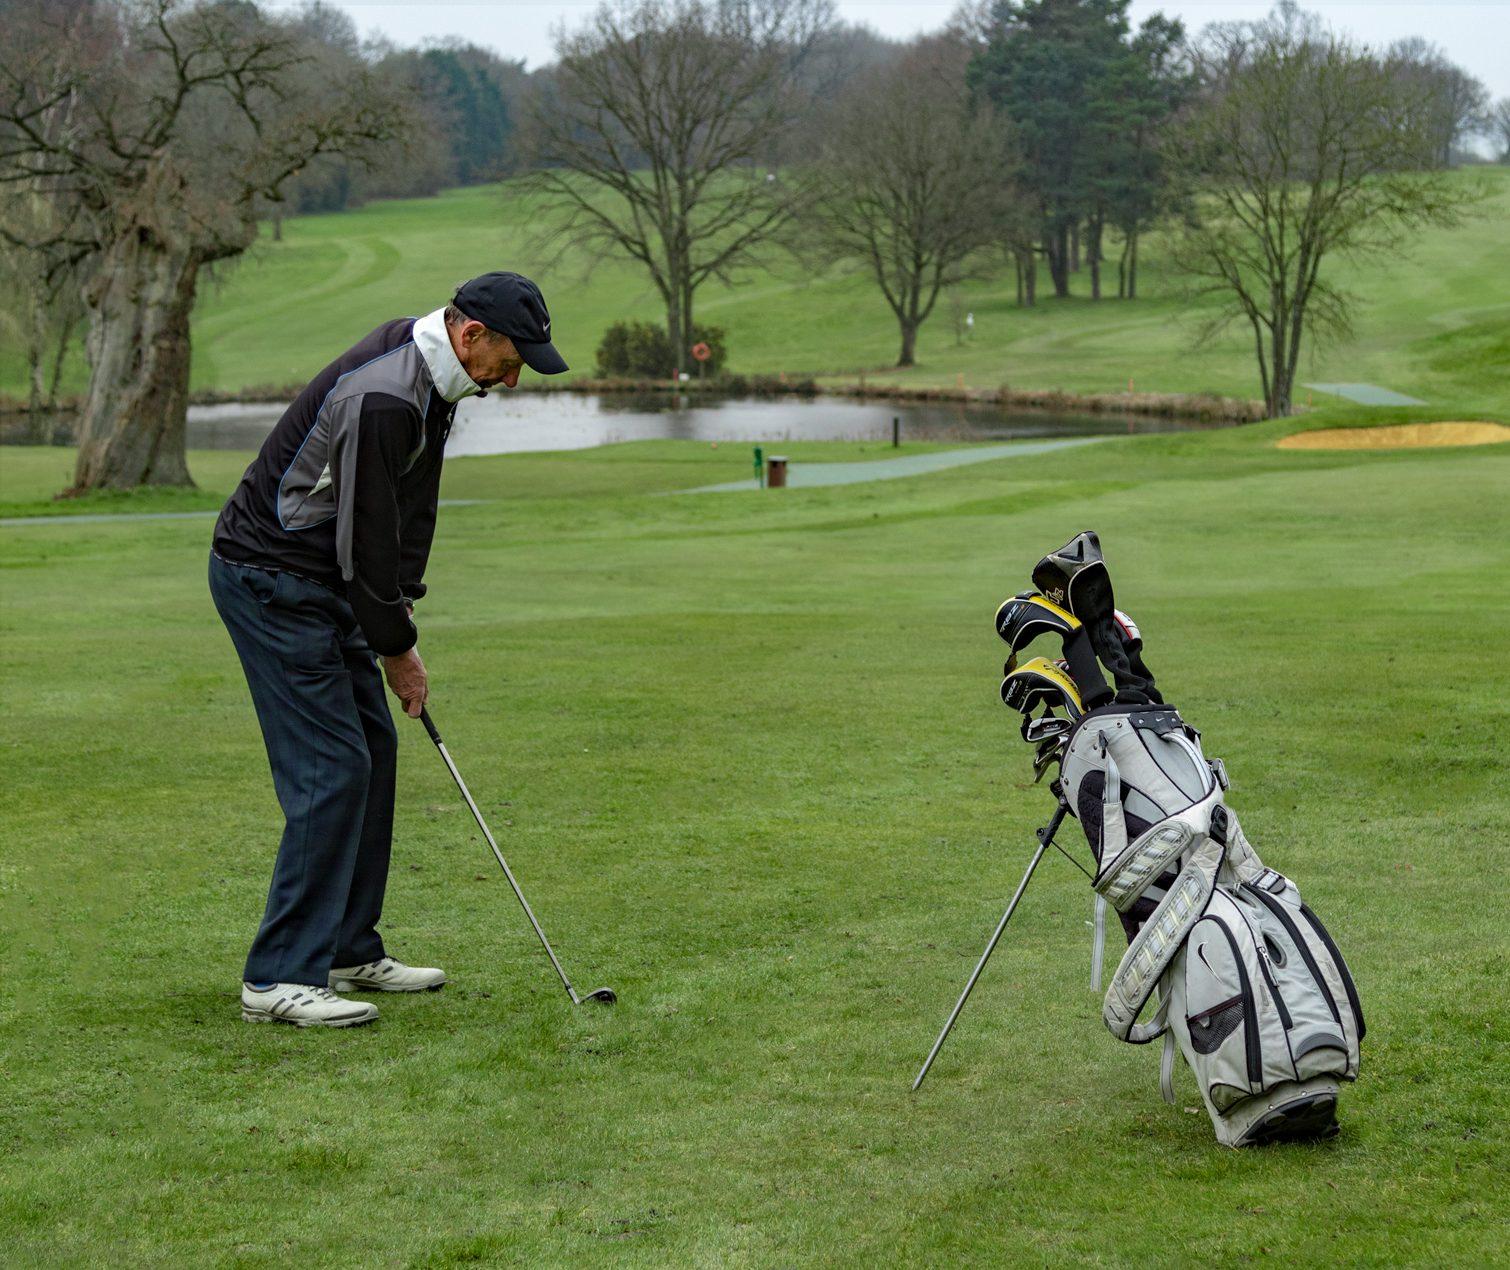 Male Golf Iron shot on fairway